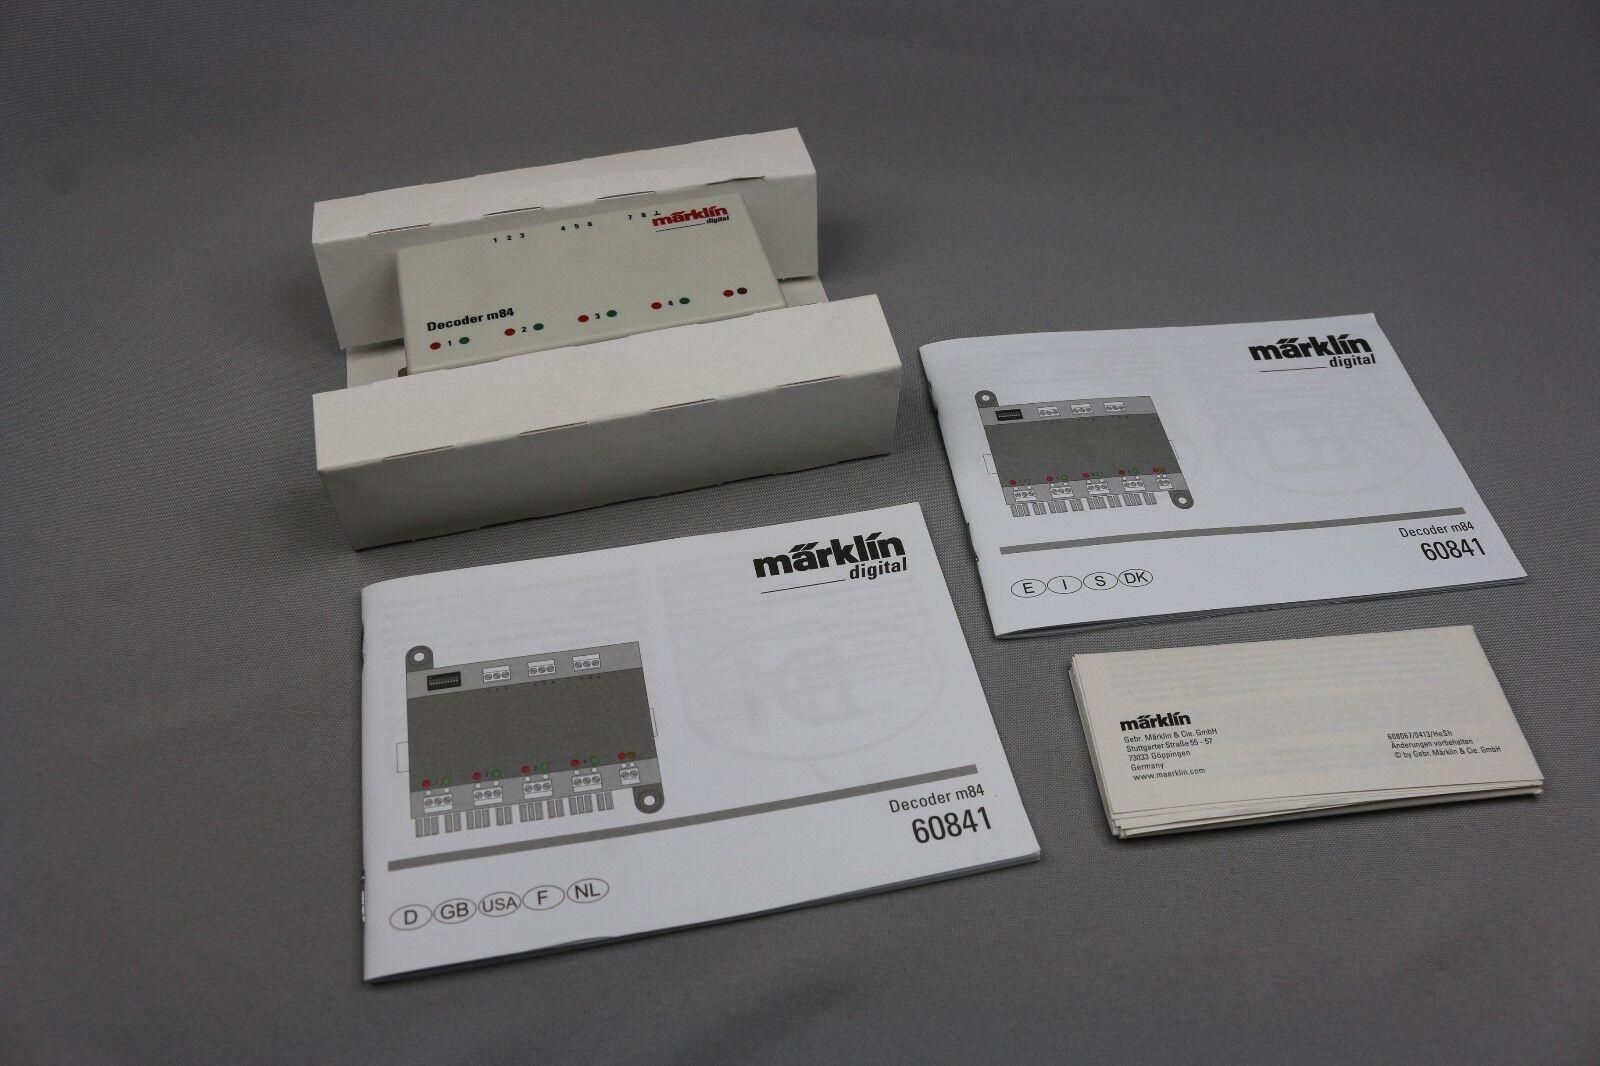 Tienda de moda y compras online. ZC2162 Marklin Digital train 60841 60841 60841 decodeur m 84 decoder commutation recepteur  n ° 1 en línea